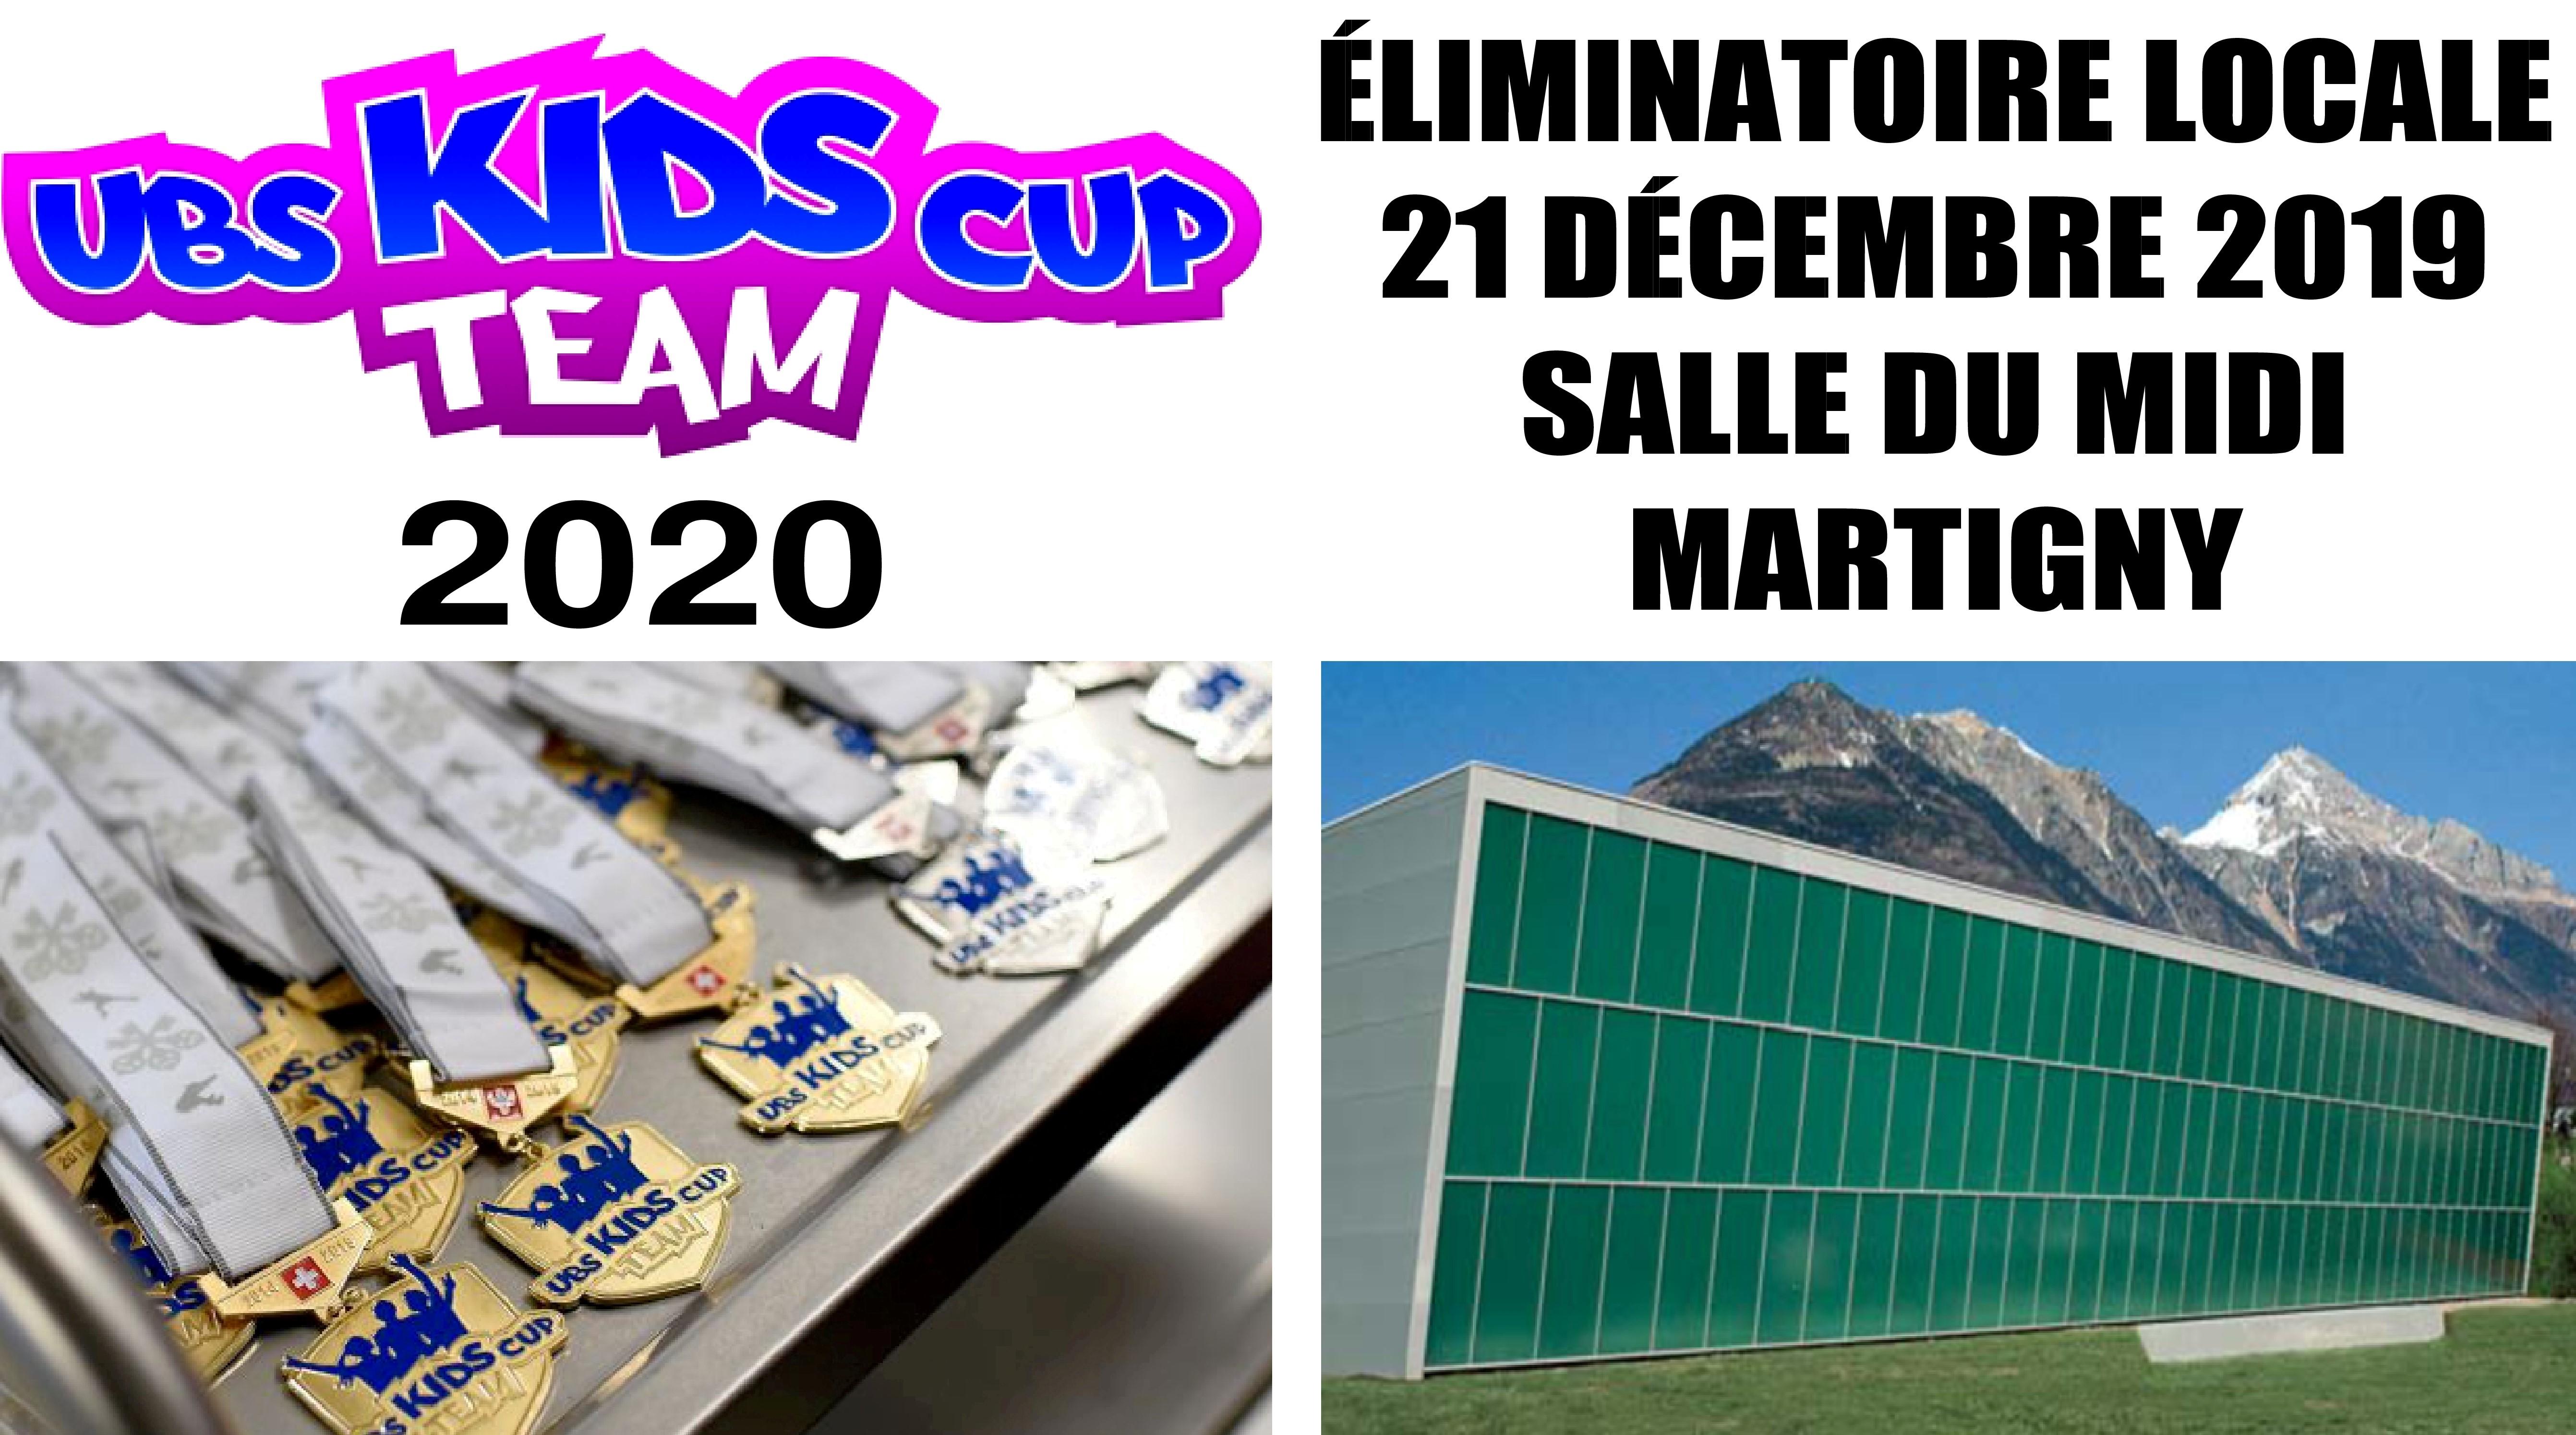 Éliminatoire UBS Kids Cup Team à Martigny